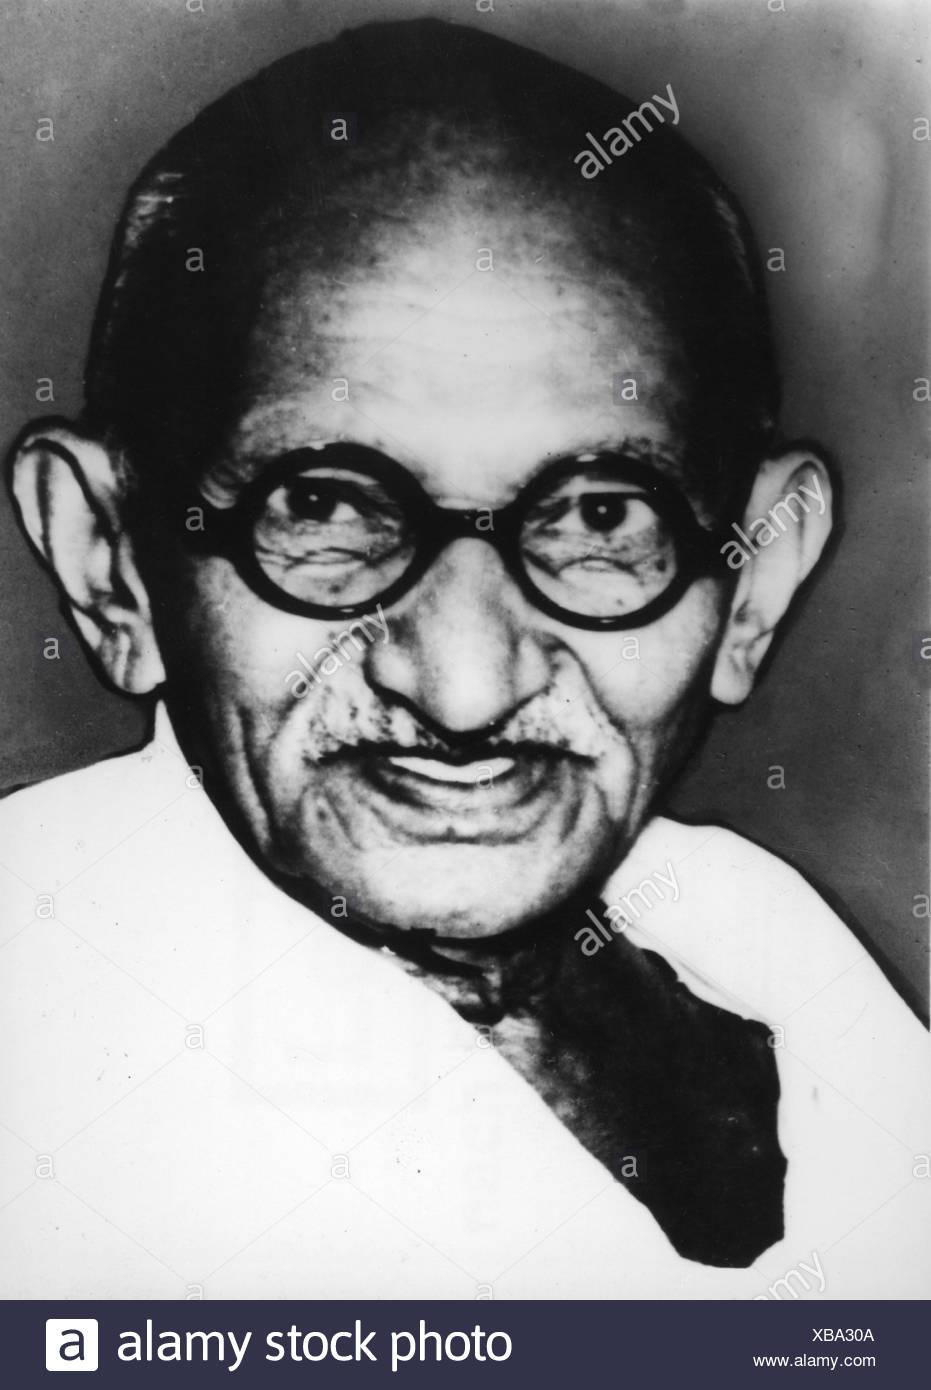 , Gandhi Mohandas Karamchand chiamato mahatma, 2.10.1869 - 30.1.1948, uomo politico indiano, ritratto, 1930s, , Additional-Rights-giochi-NA Immagini Stock